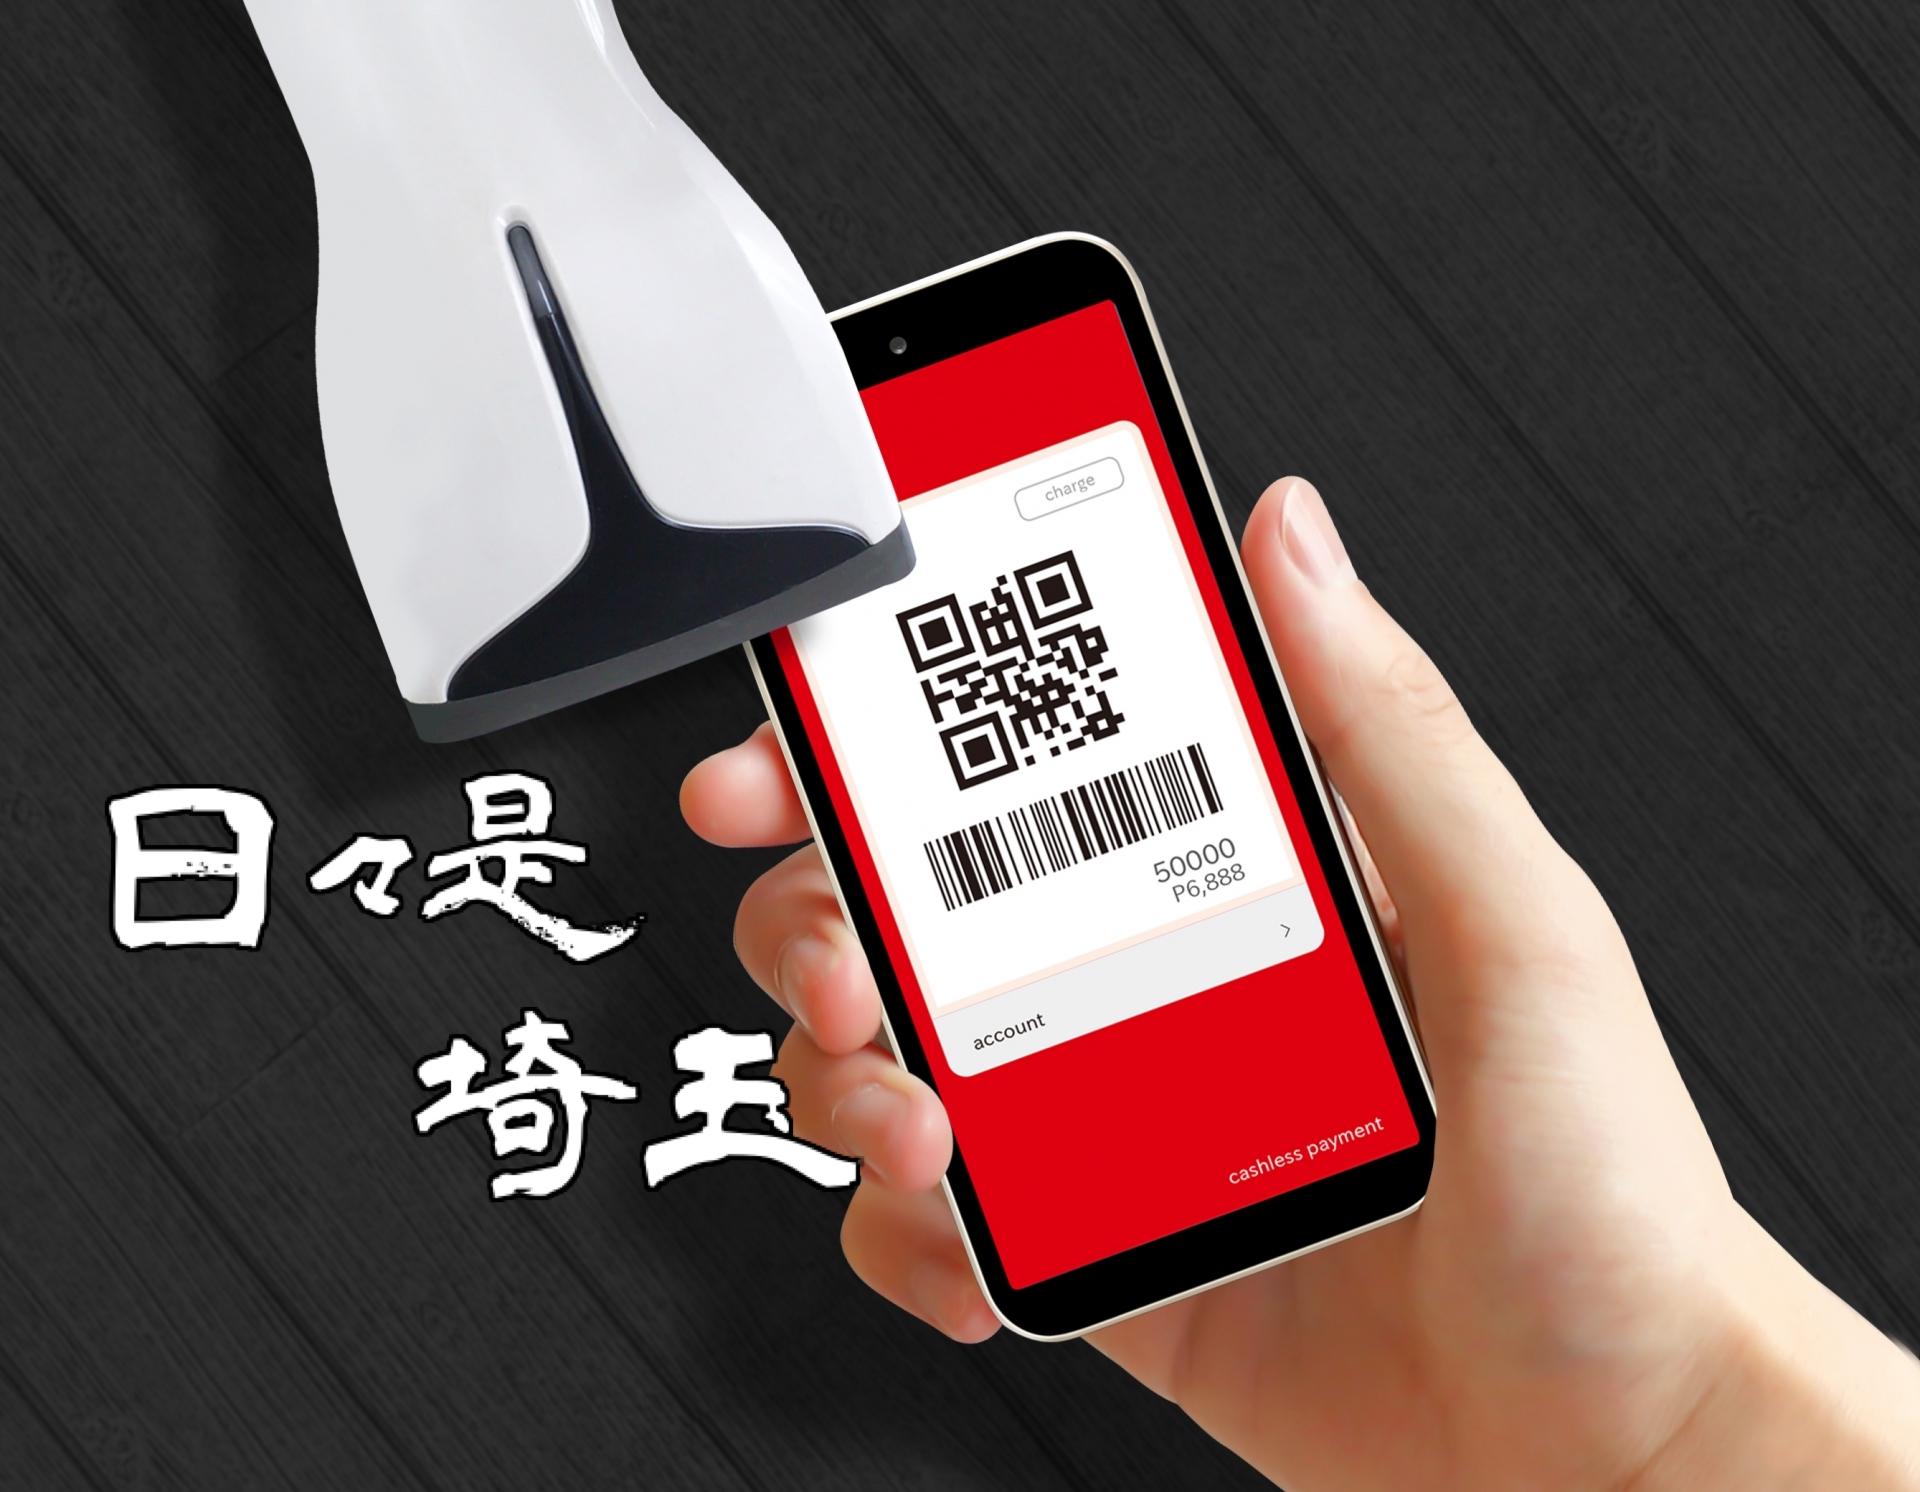 【日々是埼玉 2020/8/12】消費喚起へーさいたま市PayPay還元キャンペーン9/17より